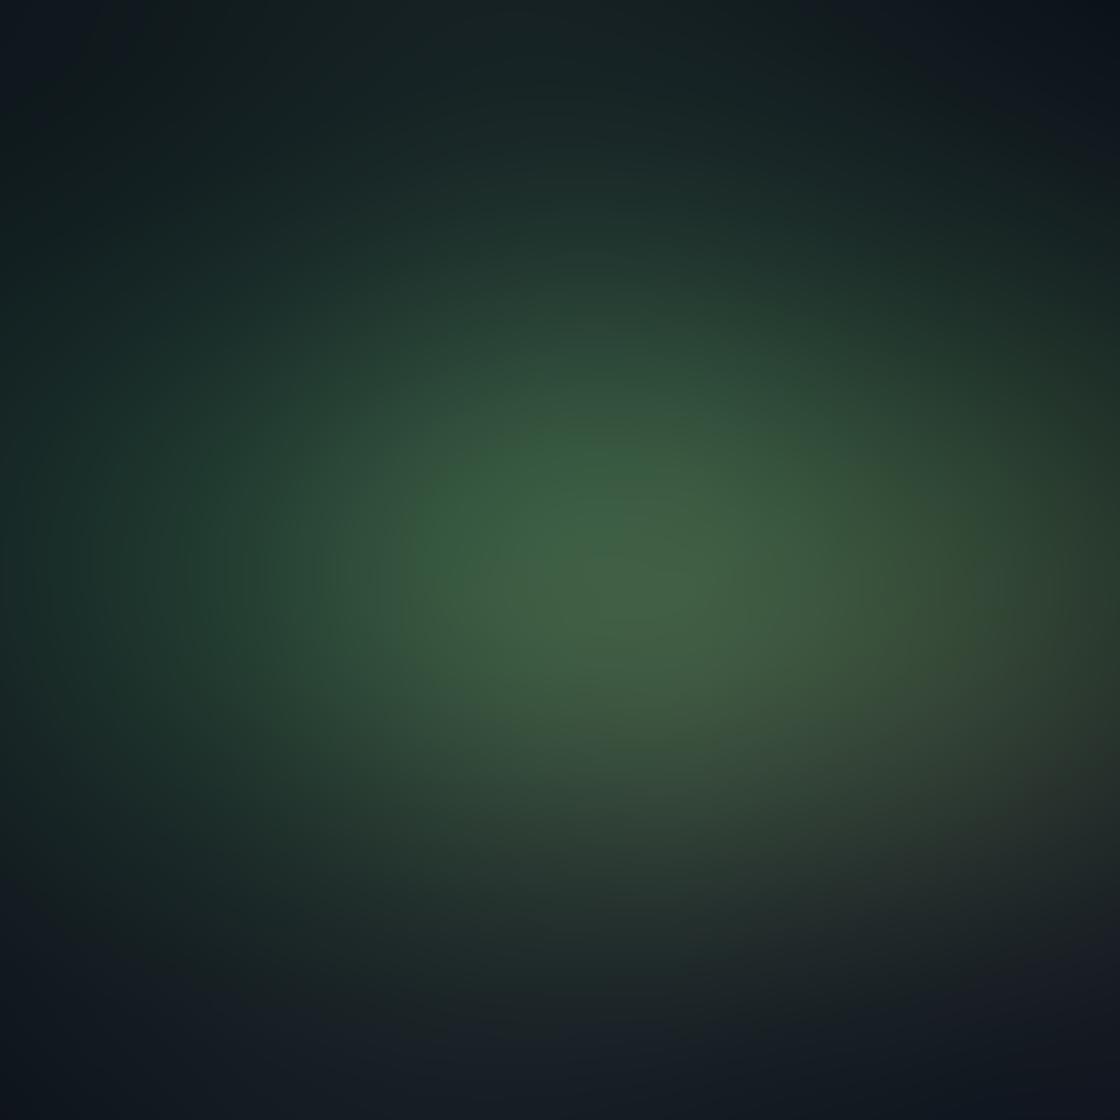 Green iPhone Photos 16